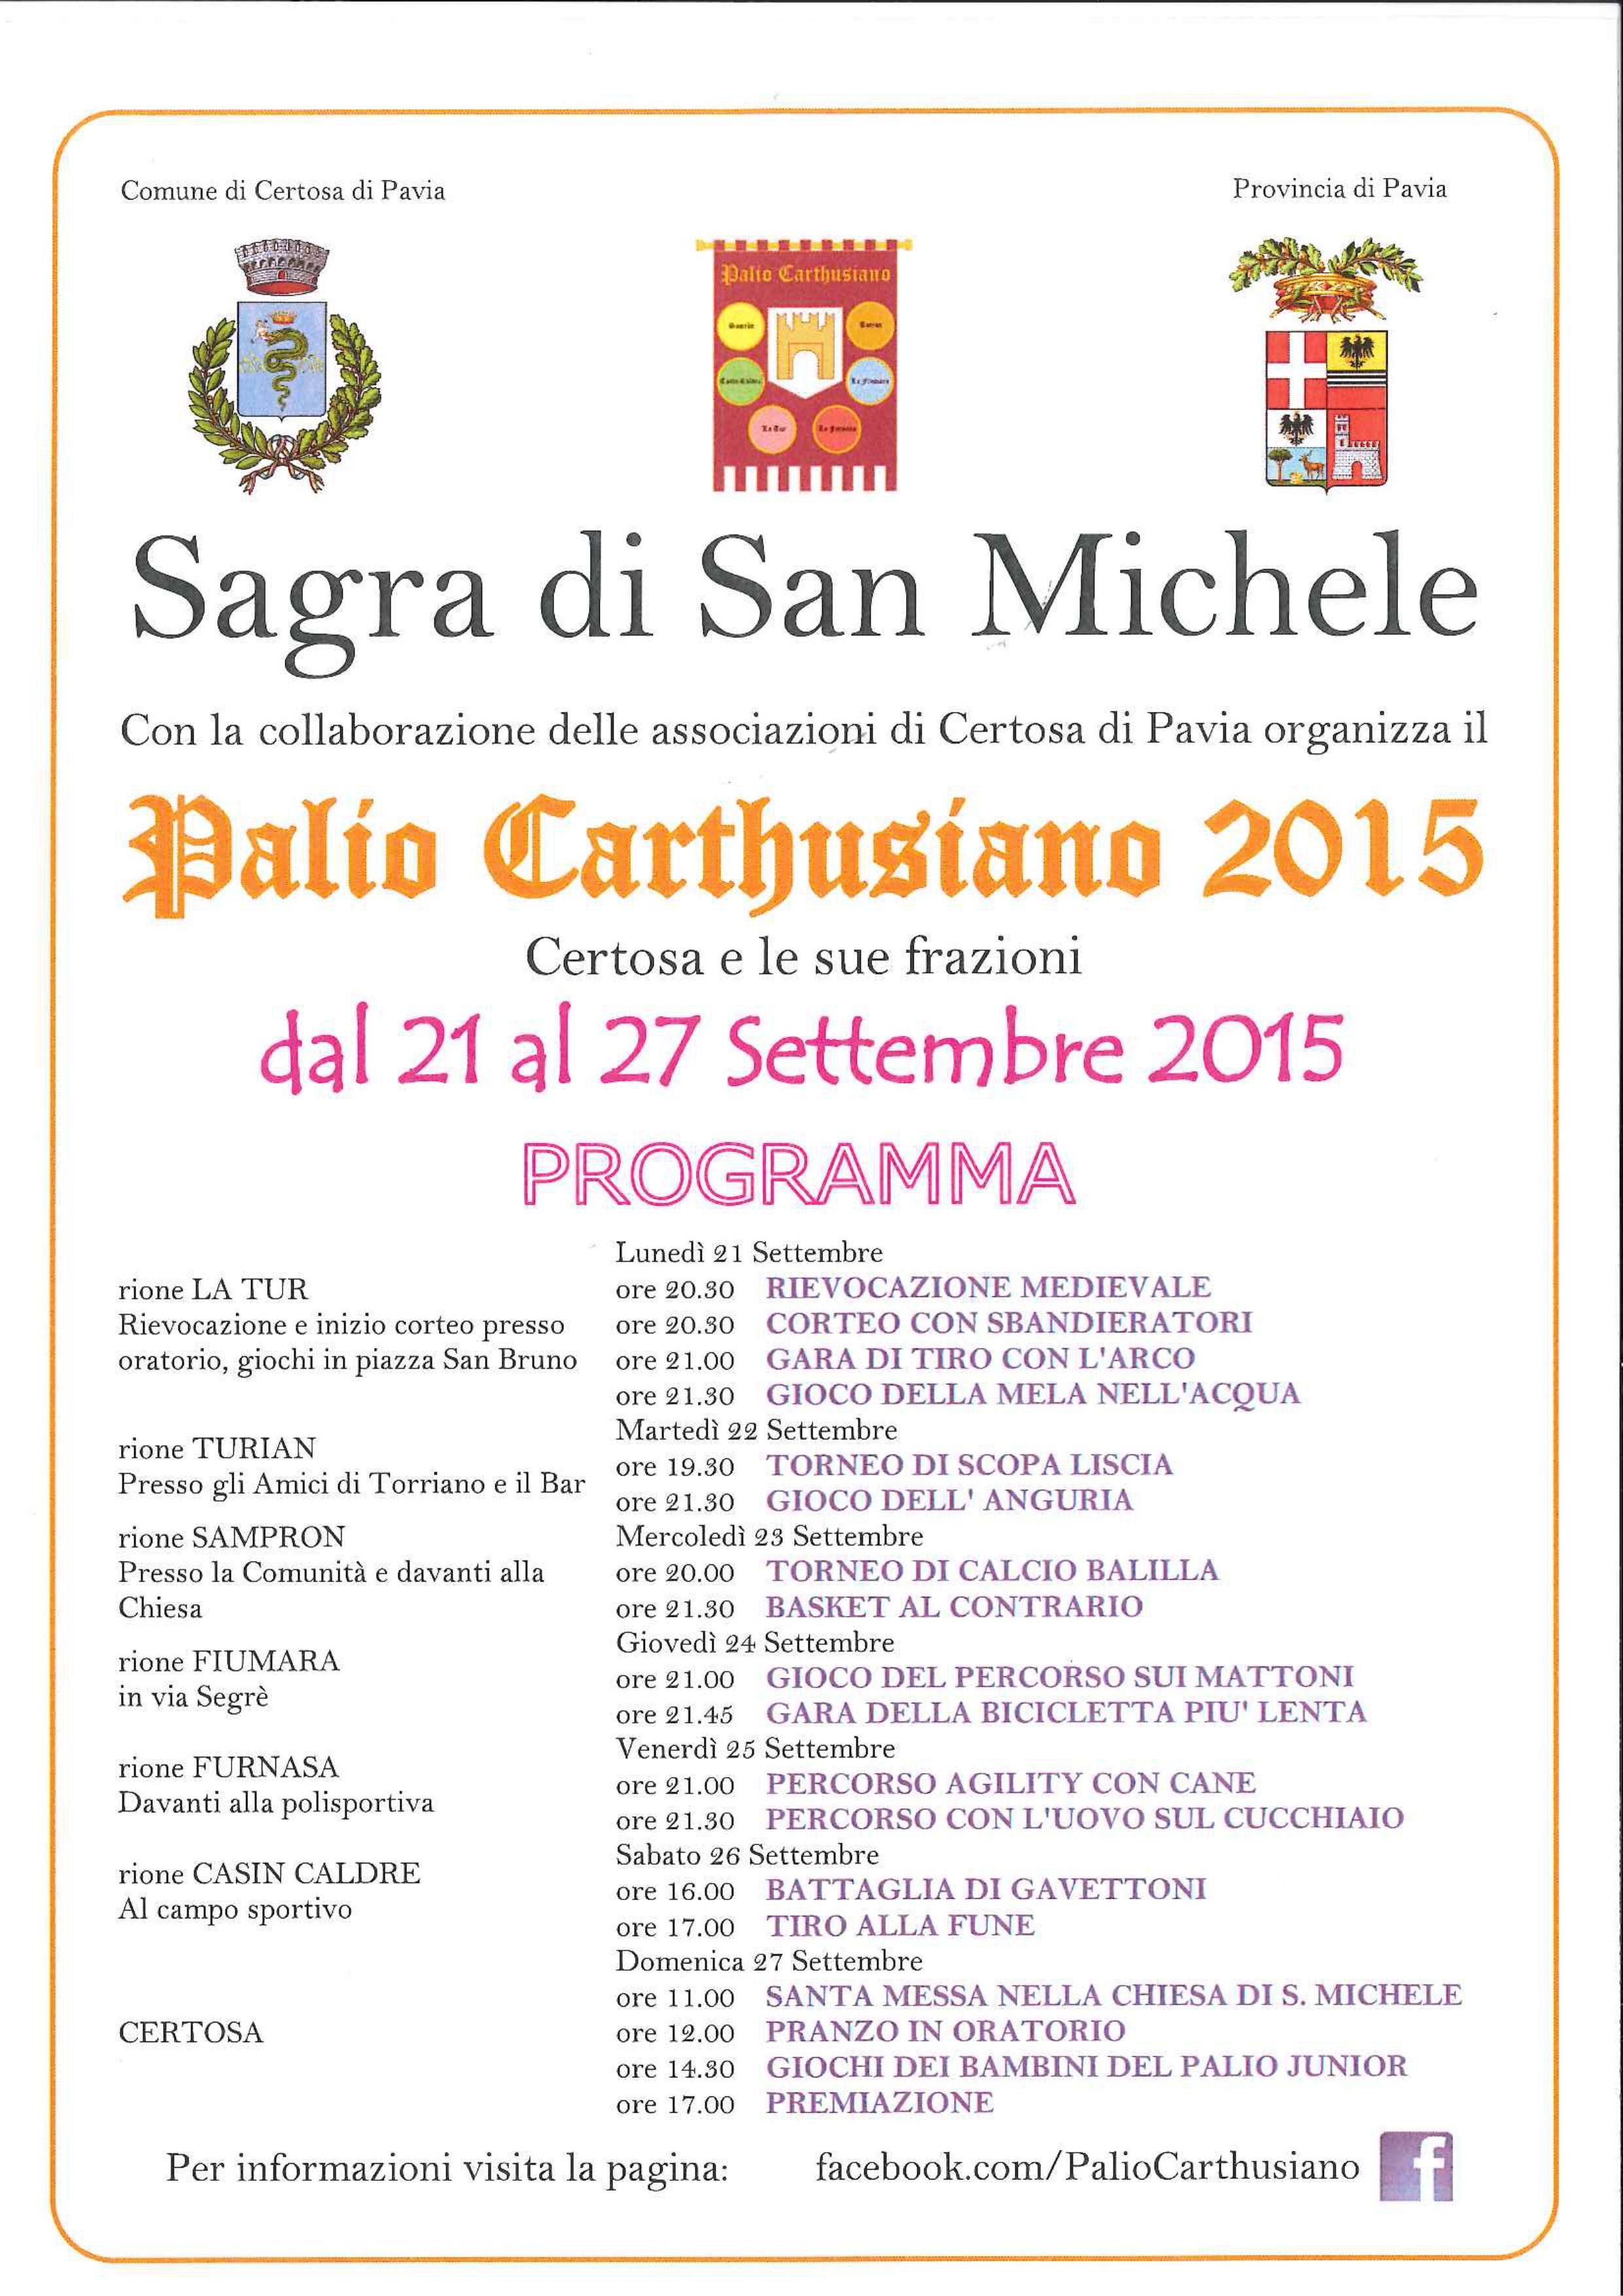 Sagra di San Michele - Palio Carthusiano 2015